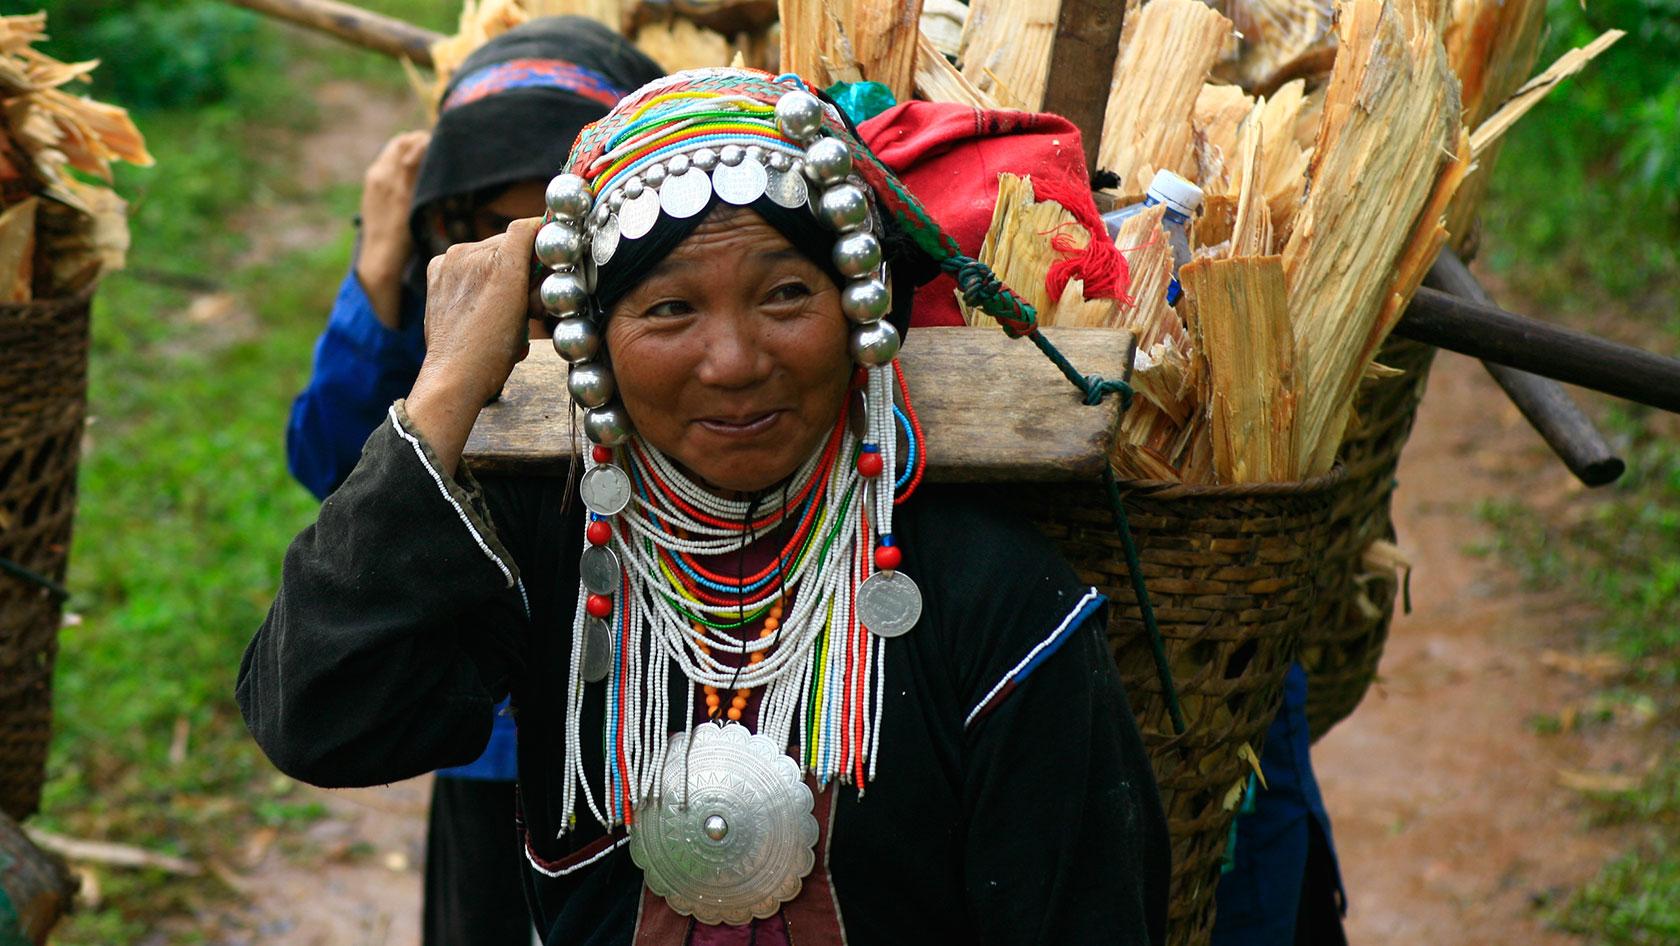 MEETING THE LOCALS IN MYANMAR